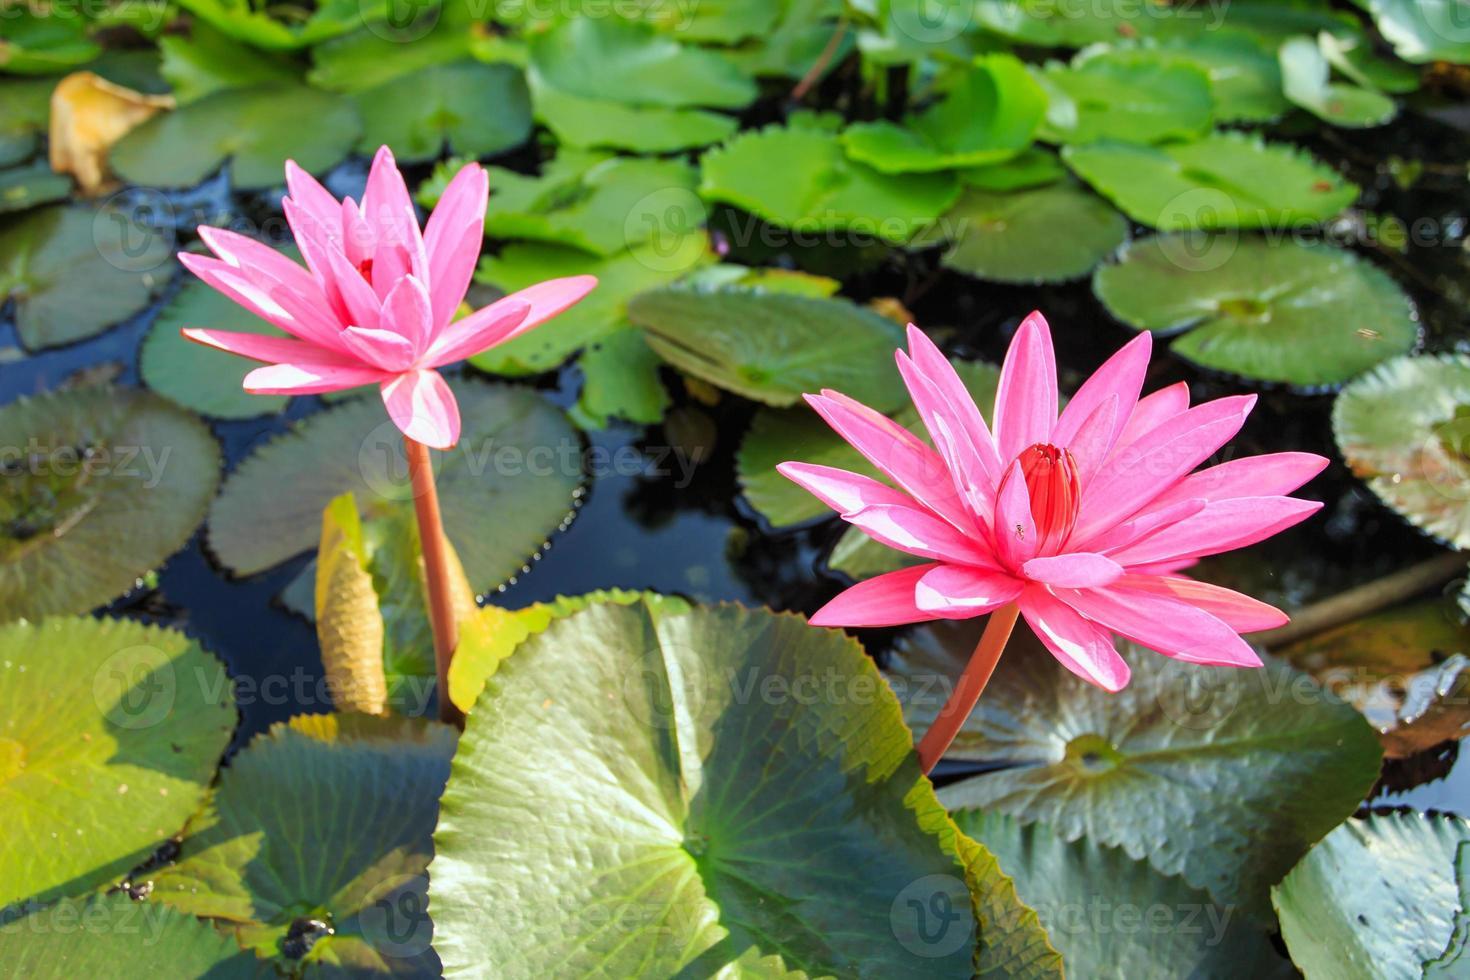 fiori di loto foto